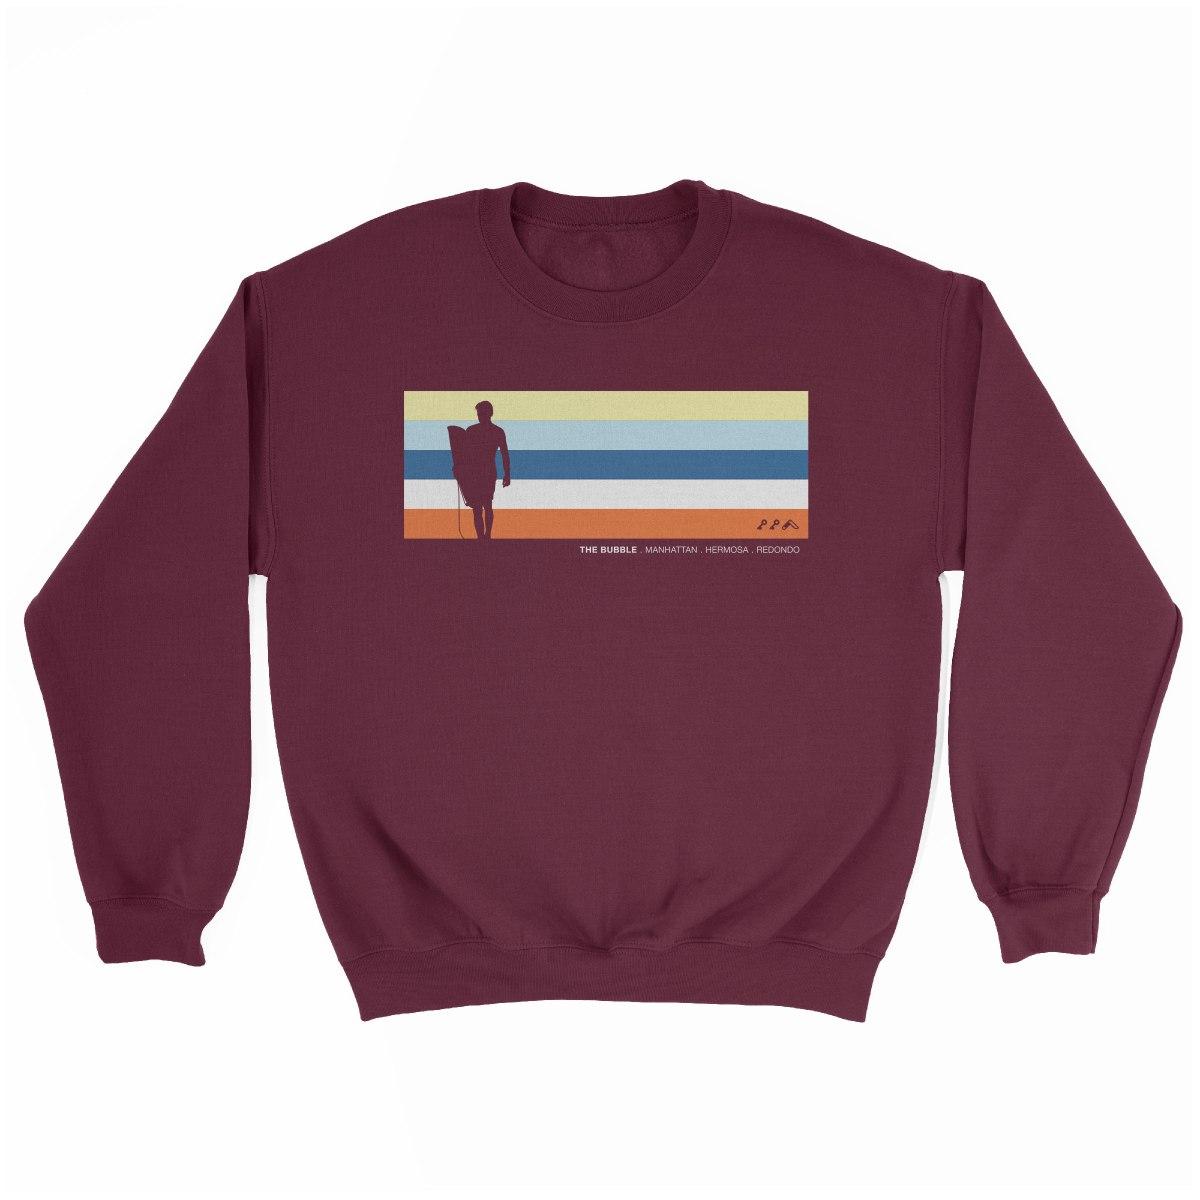 the bubble redondo hermosa manhattan beach sweatshirt in maroon by kikicutt sweatshirt store